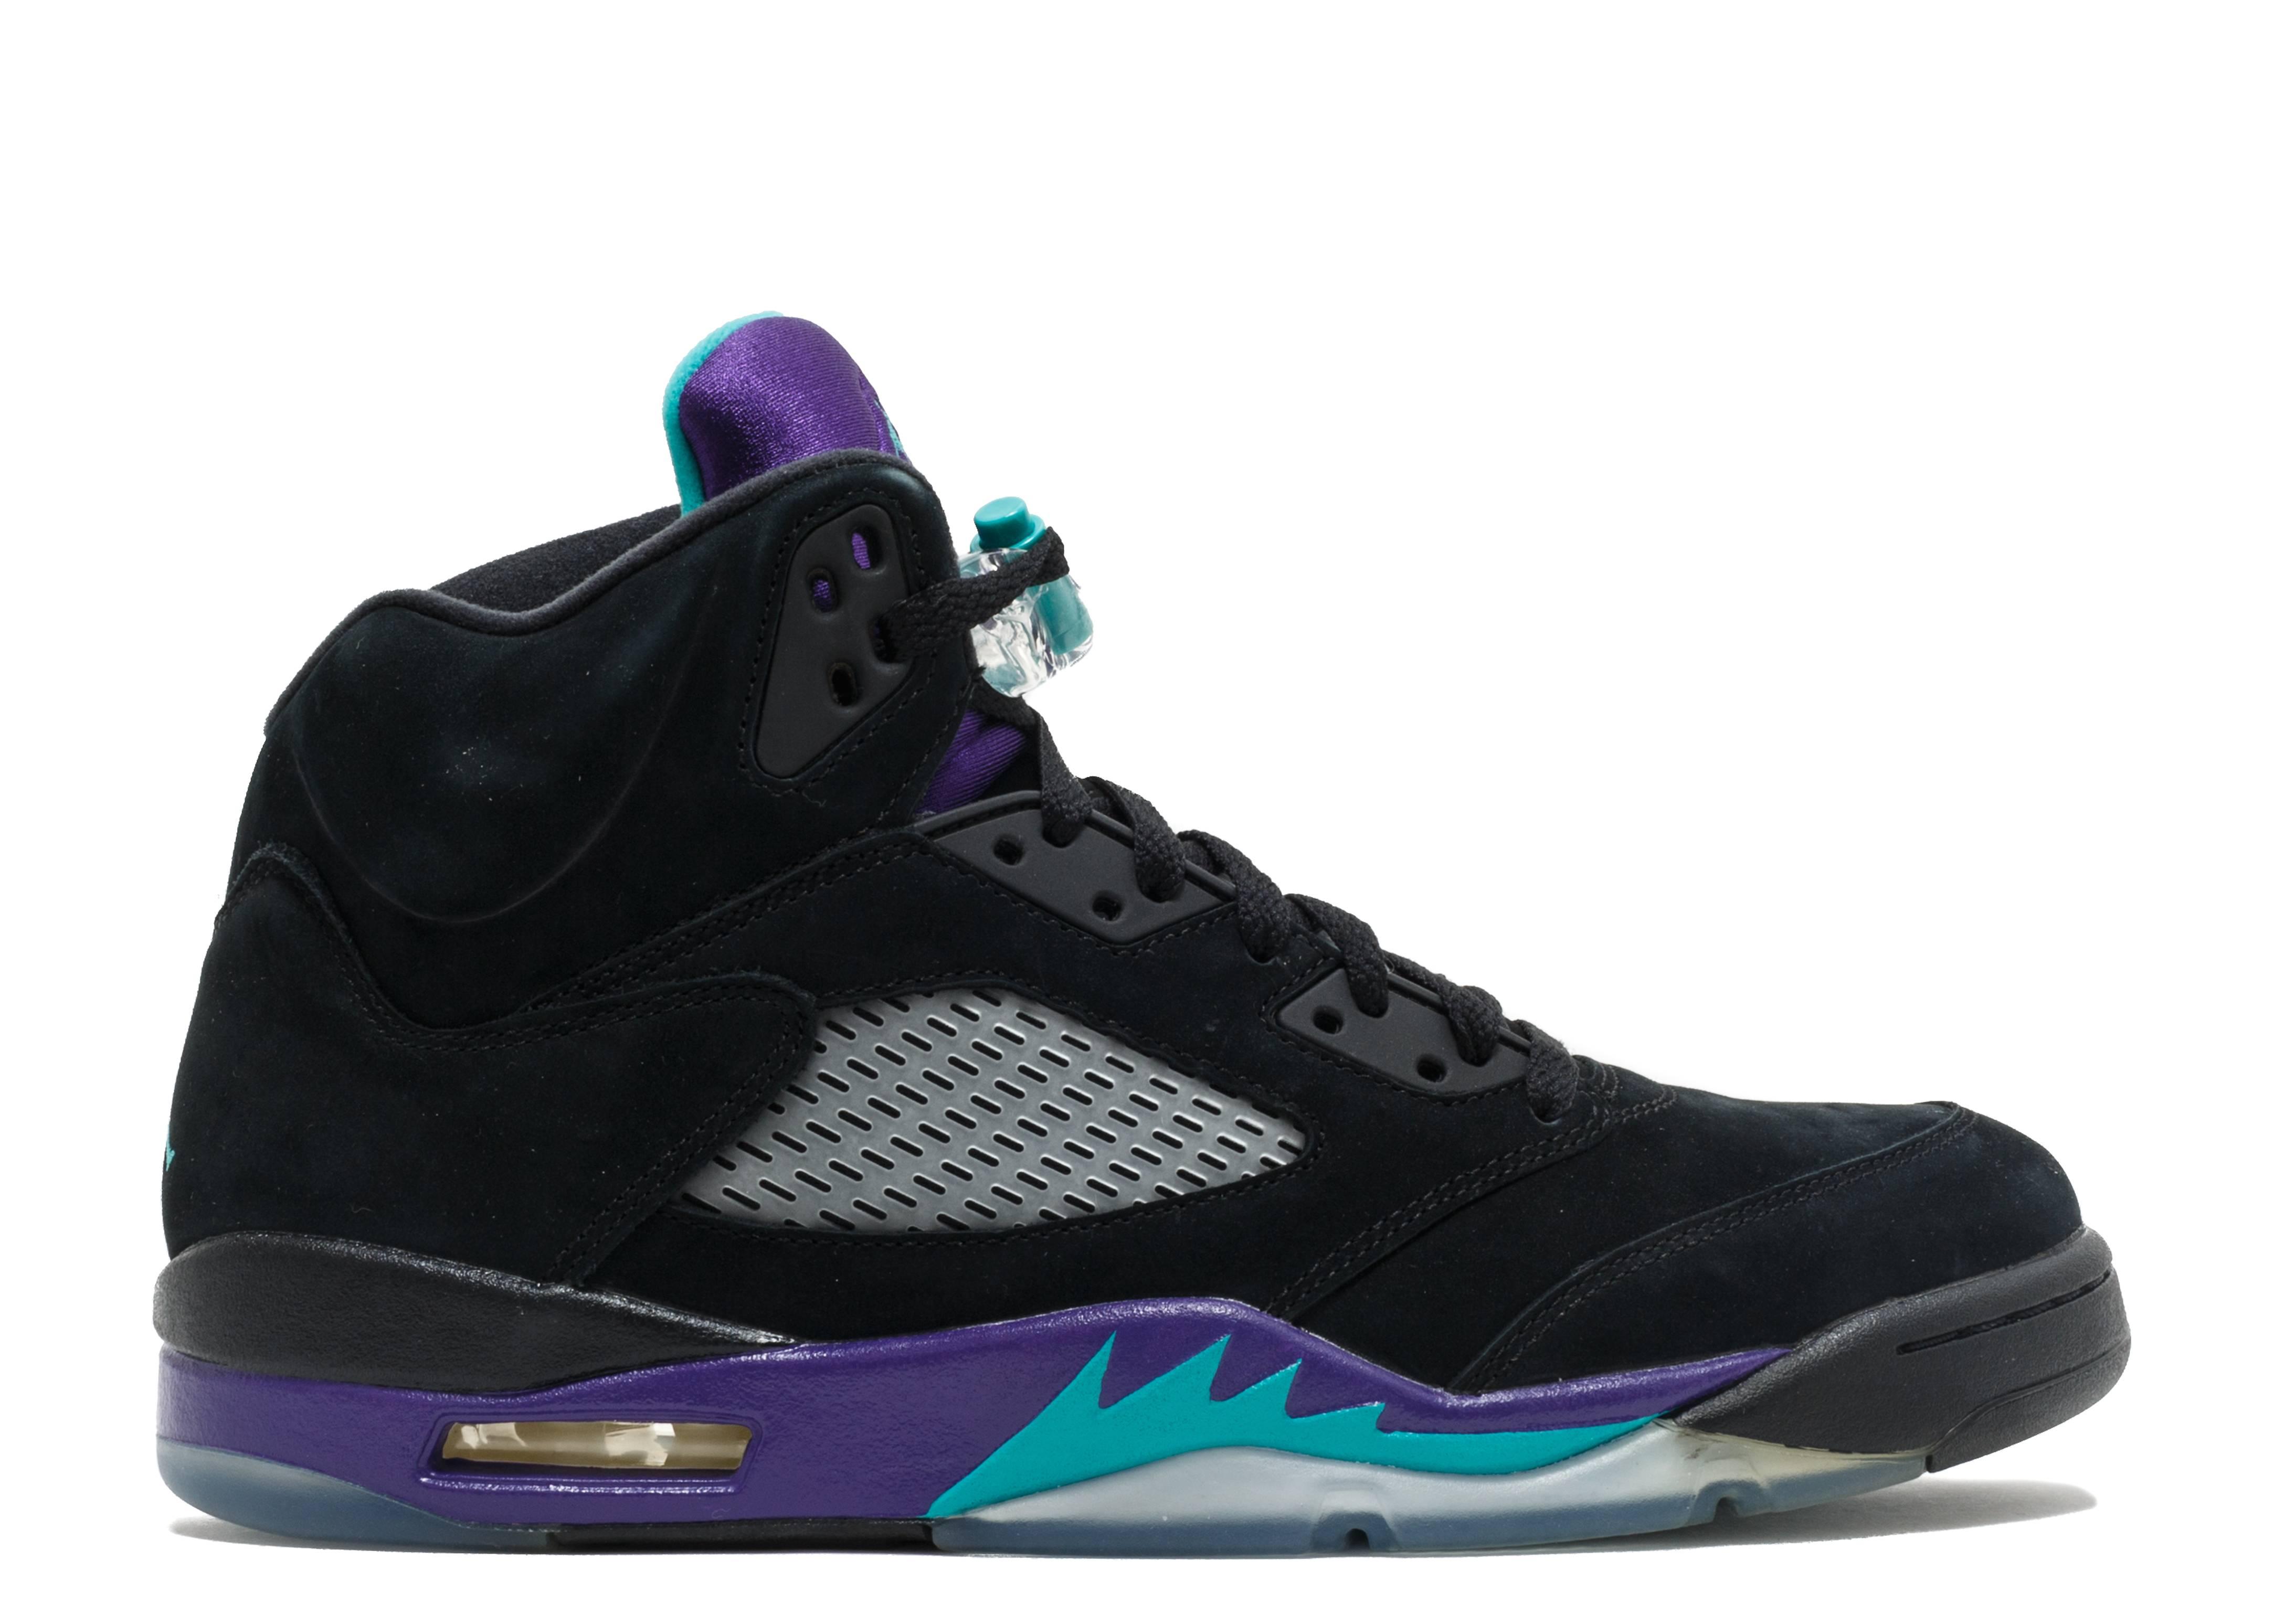 air jordan retro 5 black grape